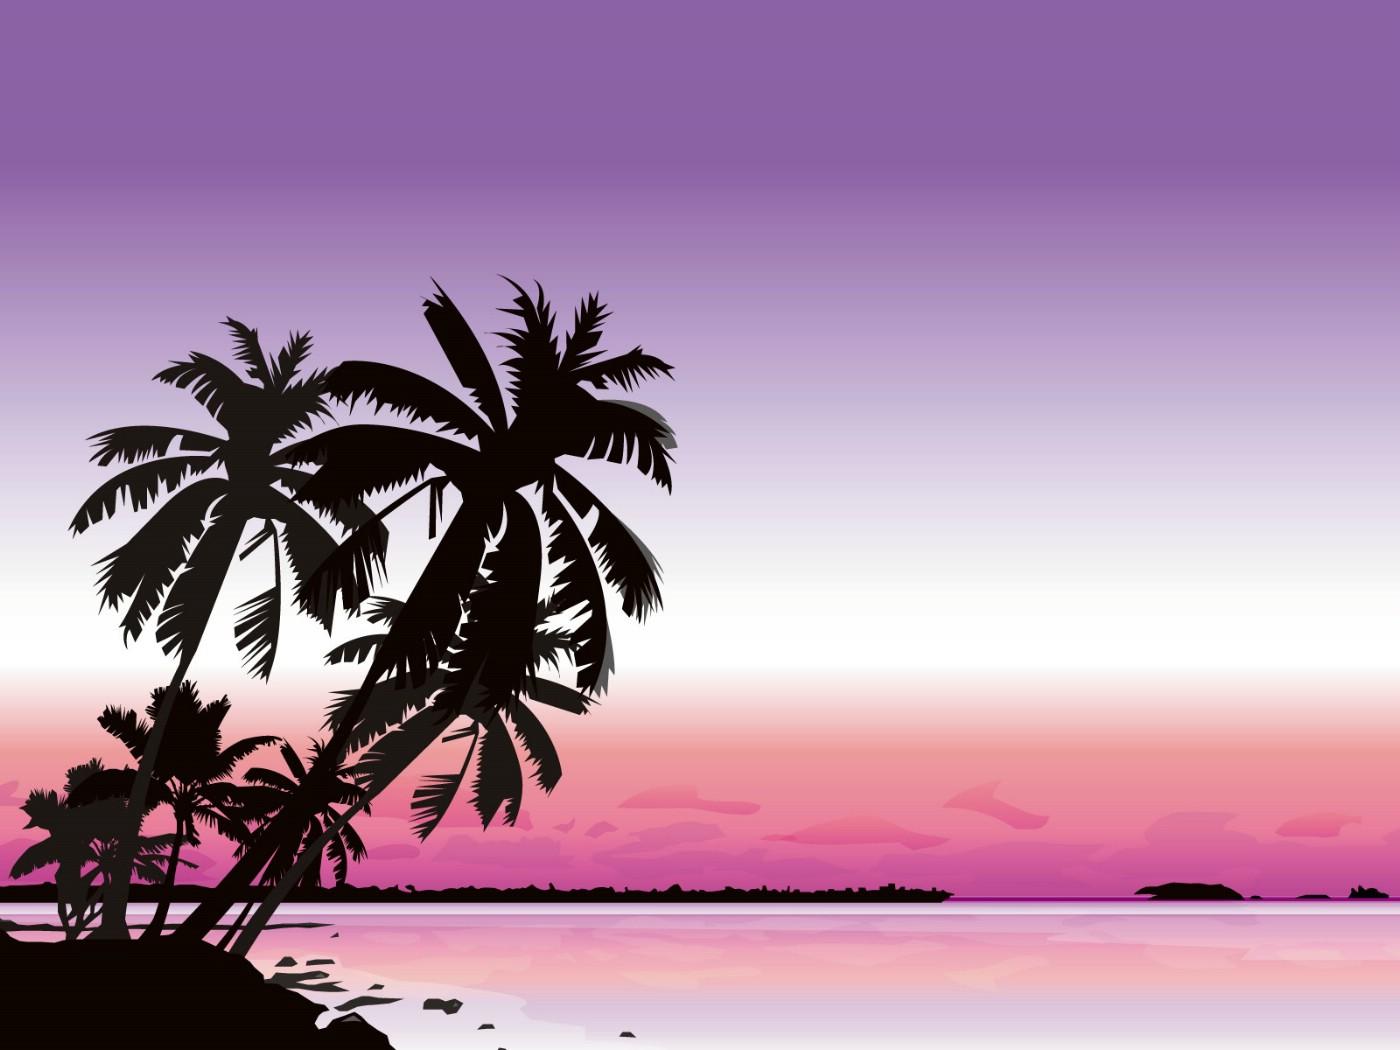 壁纸1400×1050矢量夏日海滩 1 14壁纸 矢量风光 矢量夏日海滩 第一辑壁纸图片矢量壁纸矢量图片素材桌面壁纸